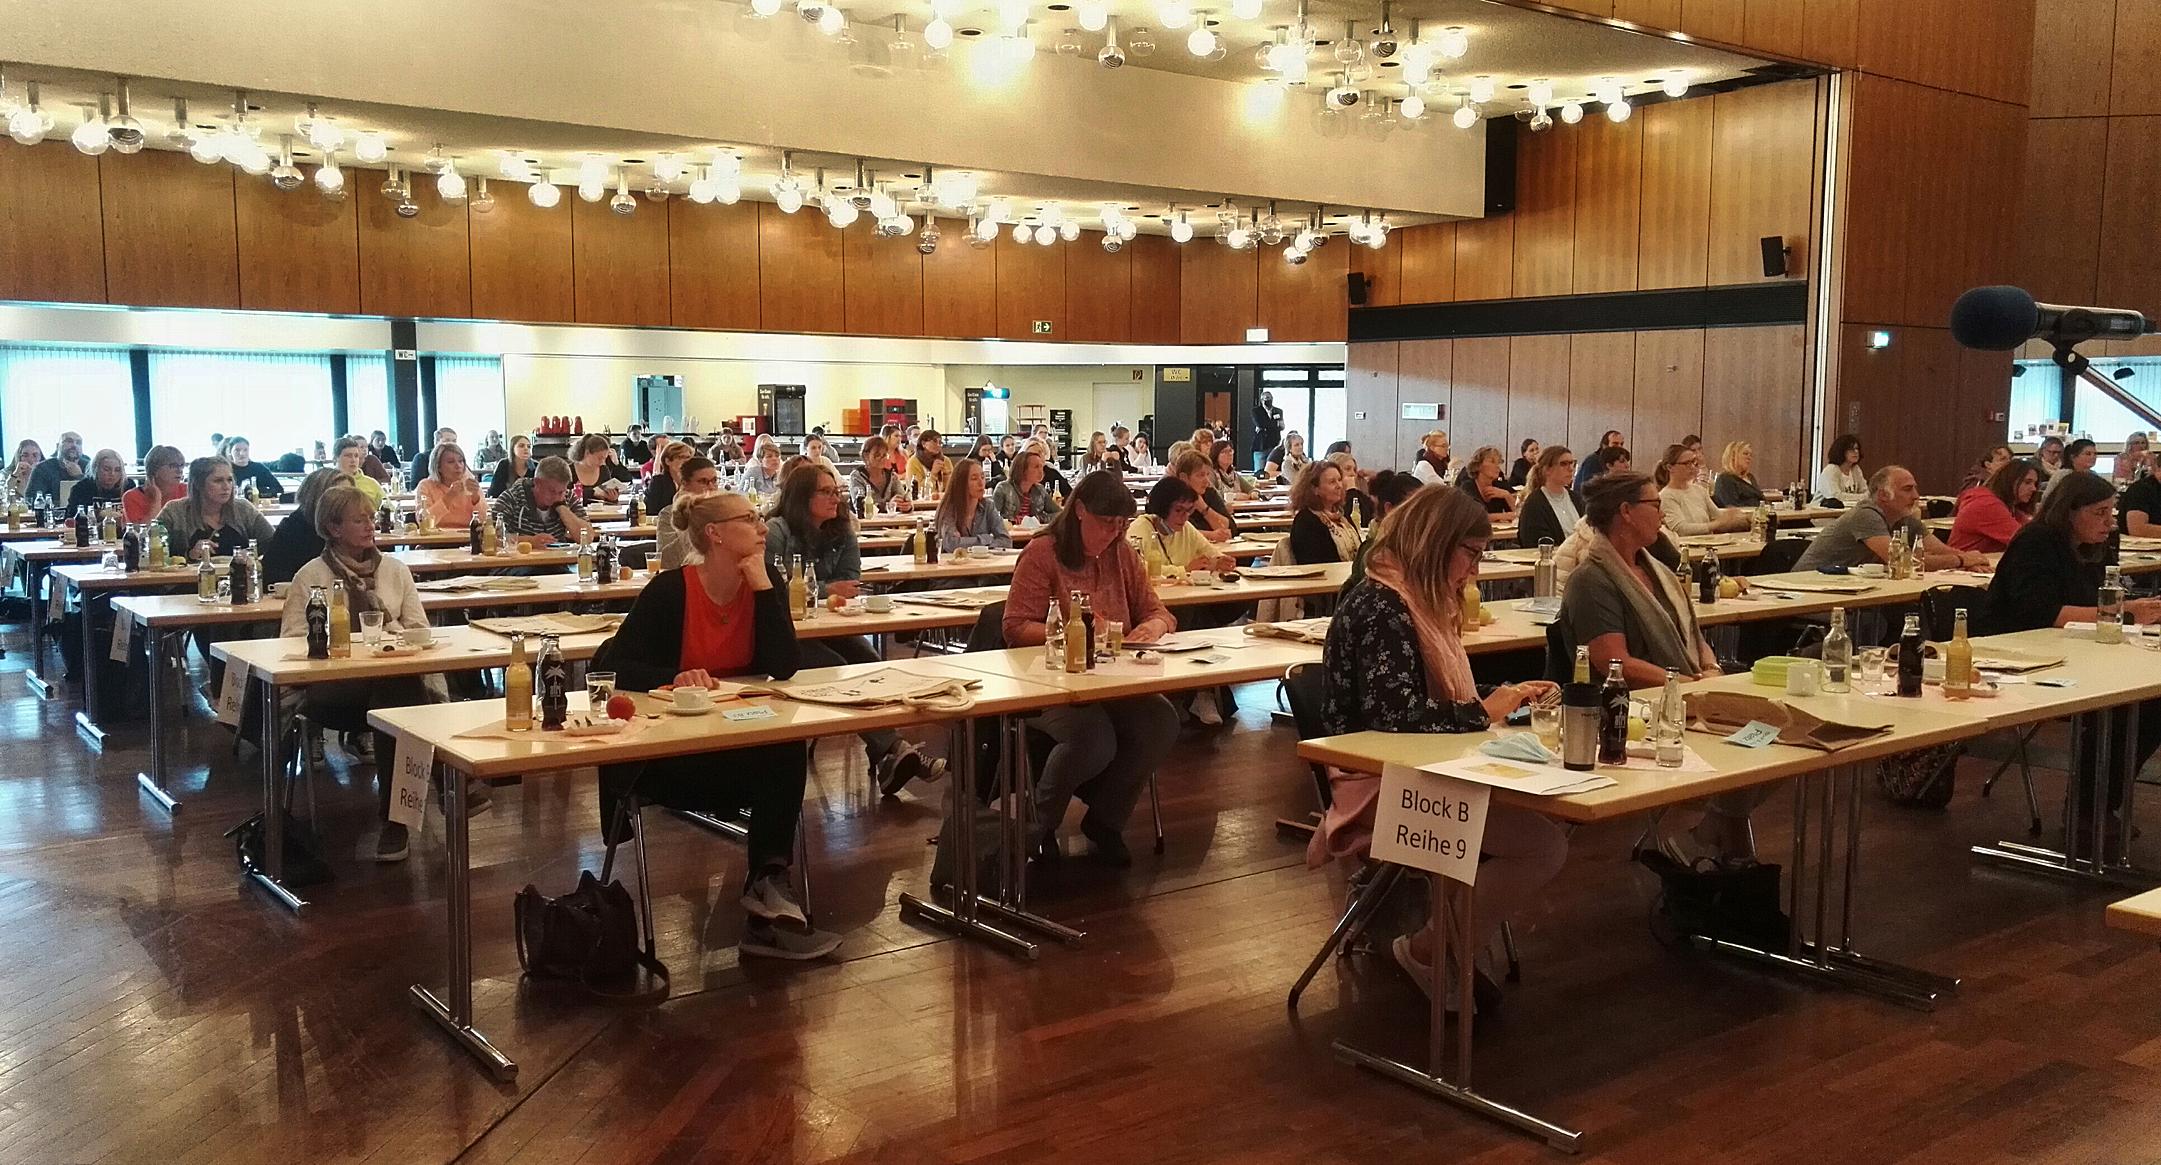 Rund 130 Teilnehmer konnte das Organisationsteam des Kreissportbundes zu dem Fachtag in der Lübbecker Stadthalle begrüßen. Foto: Kreissportbund/ Anja Schubert